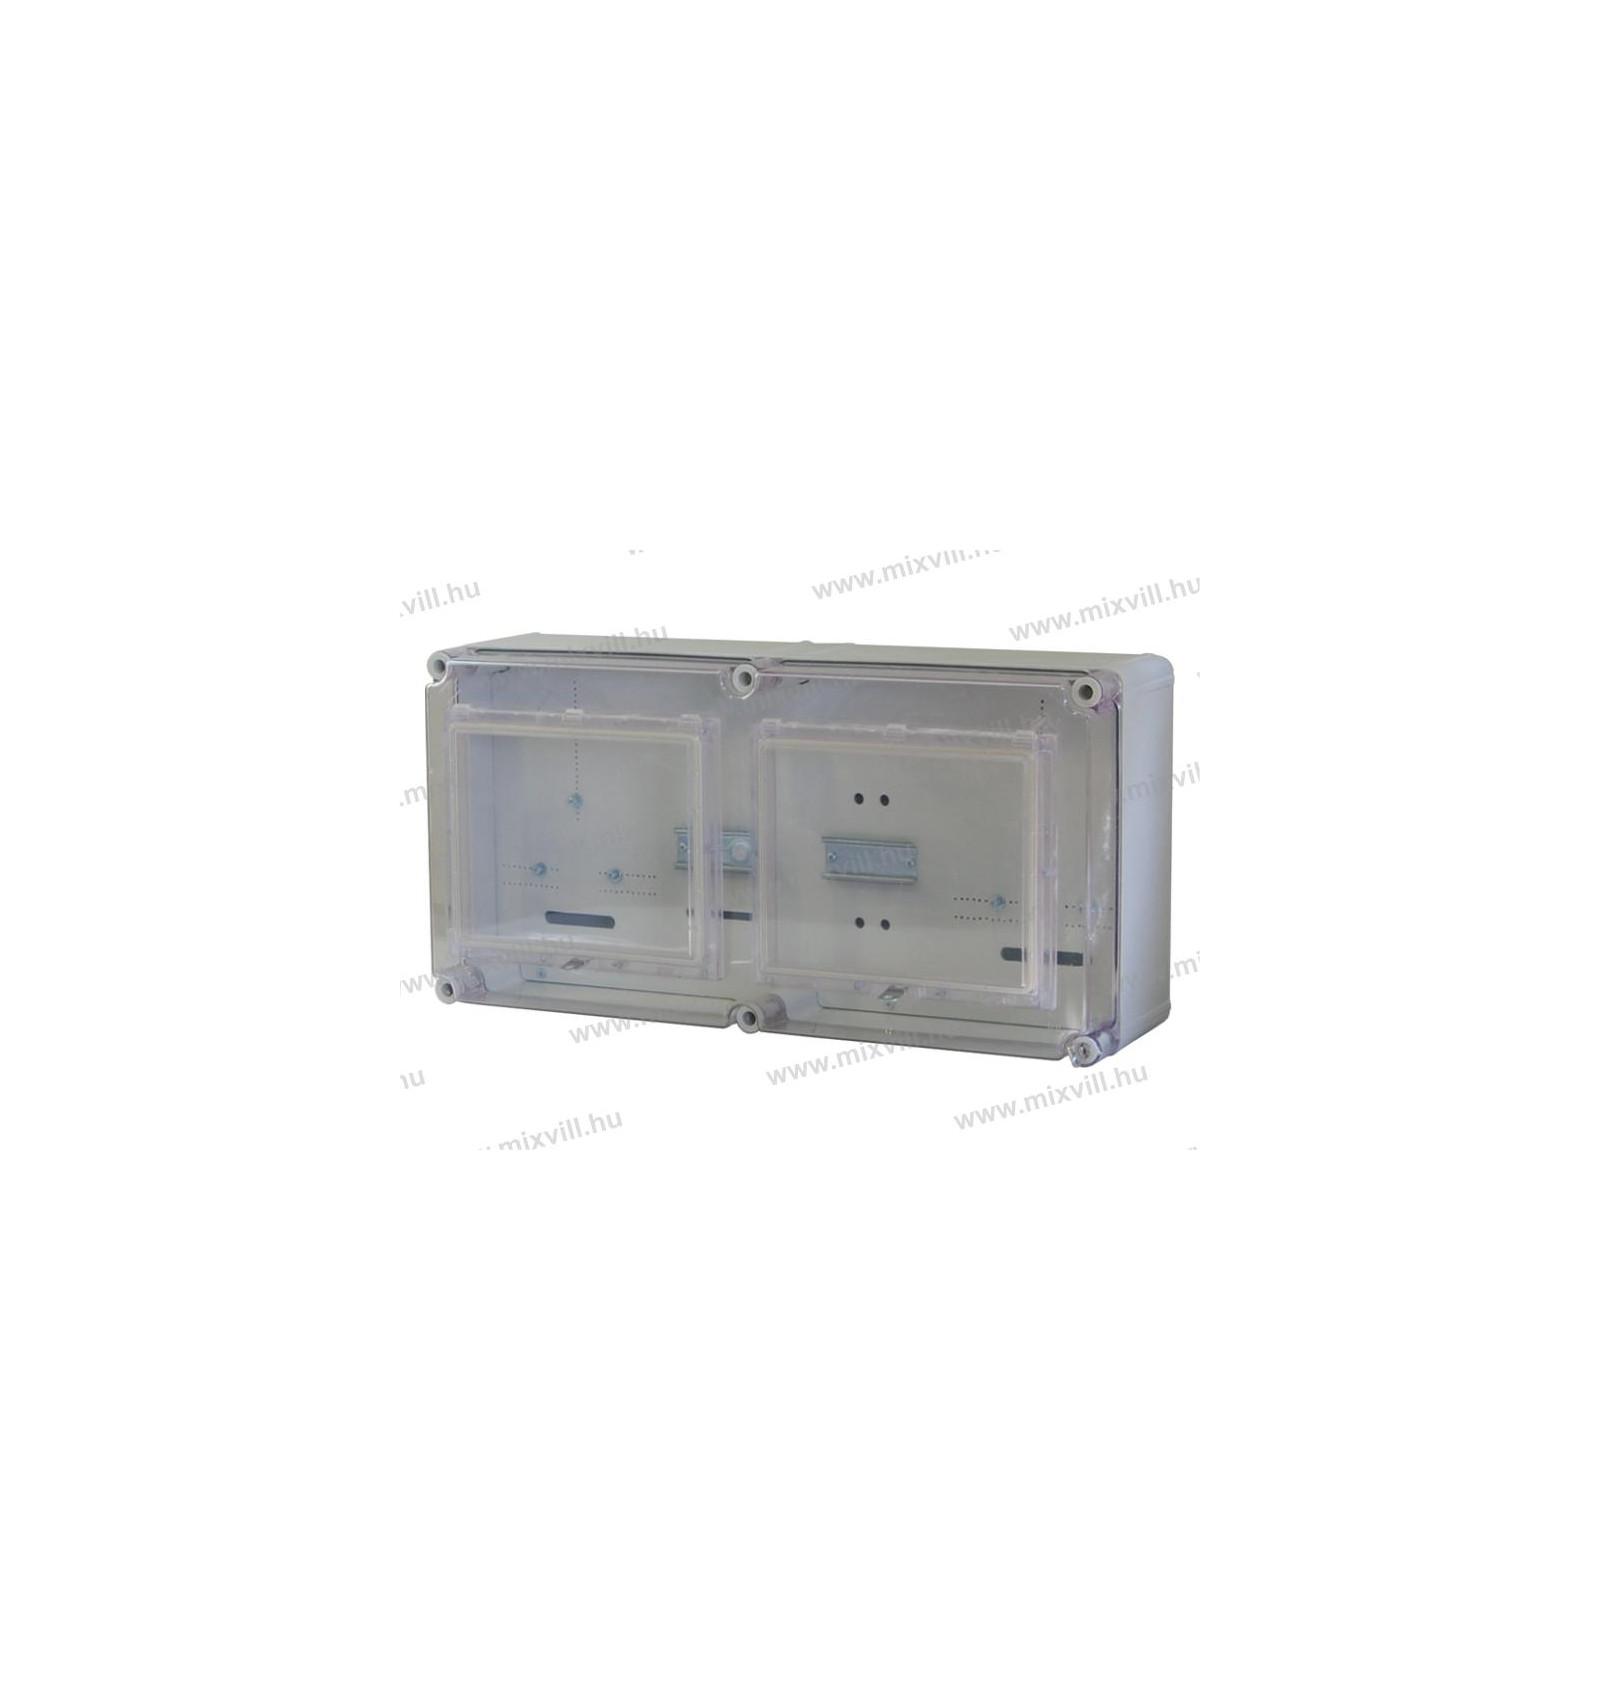 Csatari-PVT-EON-3060-AV-Fm-AM-fogyasztasmero-tokozat-szekreny